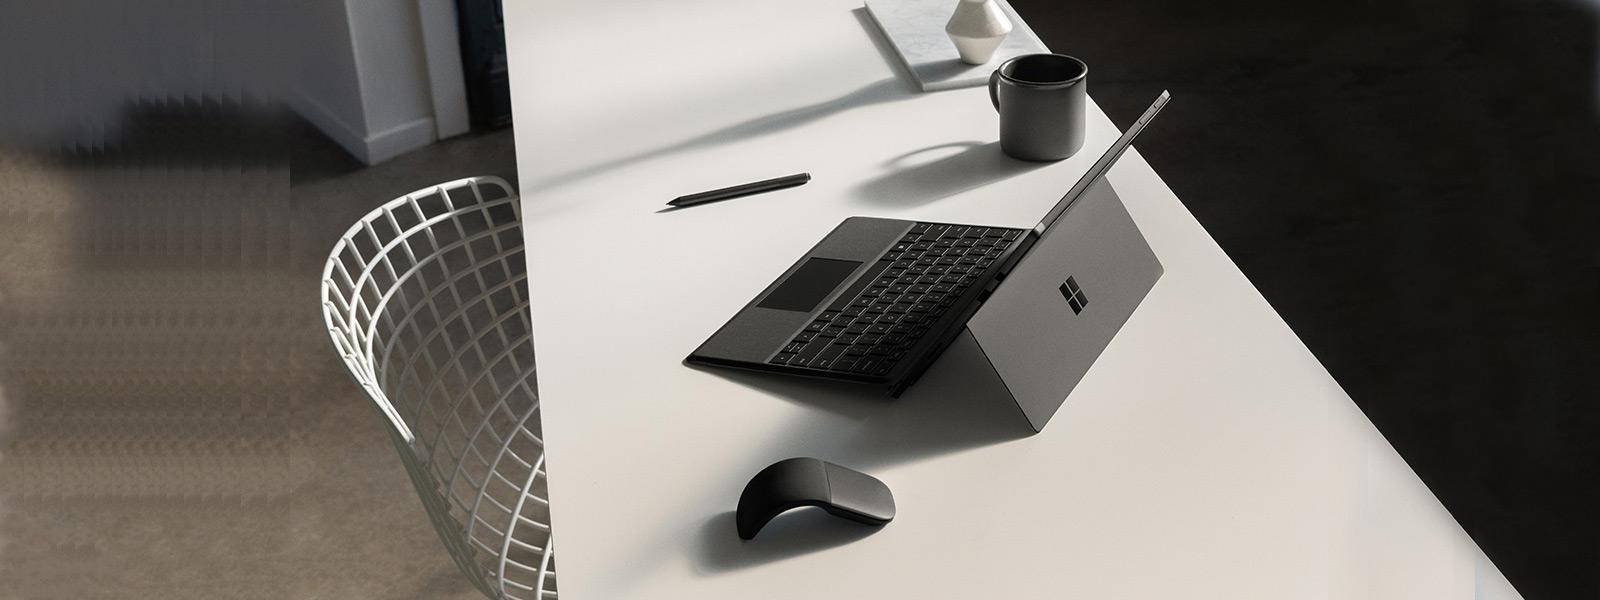 Surface Pro 6 pöydällä kannettavan tietokoneen tilassa yhdessä Surface Type Coverin, Surface-kynän ja Surface Arc Mouse -hiiren kanssa